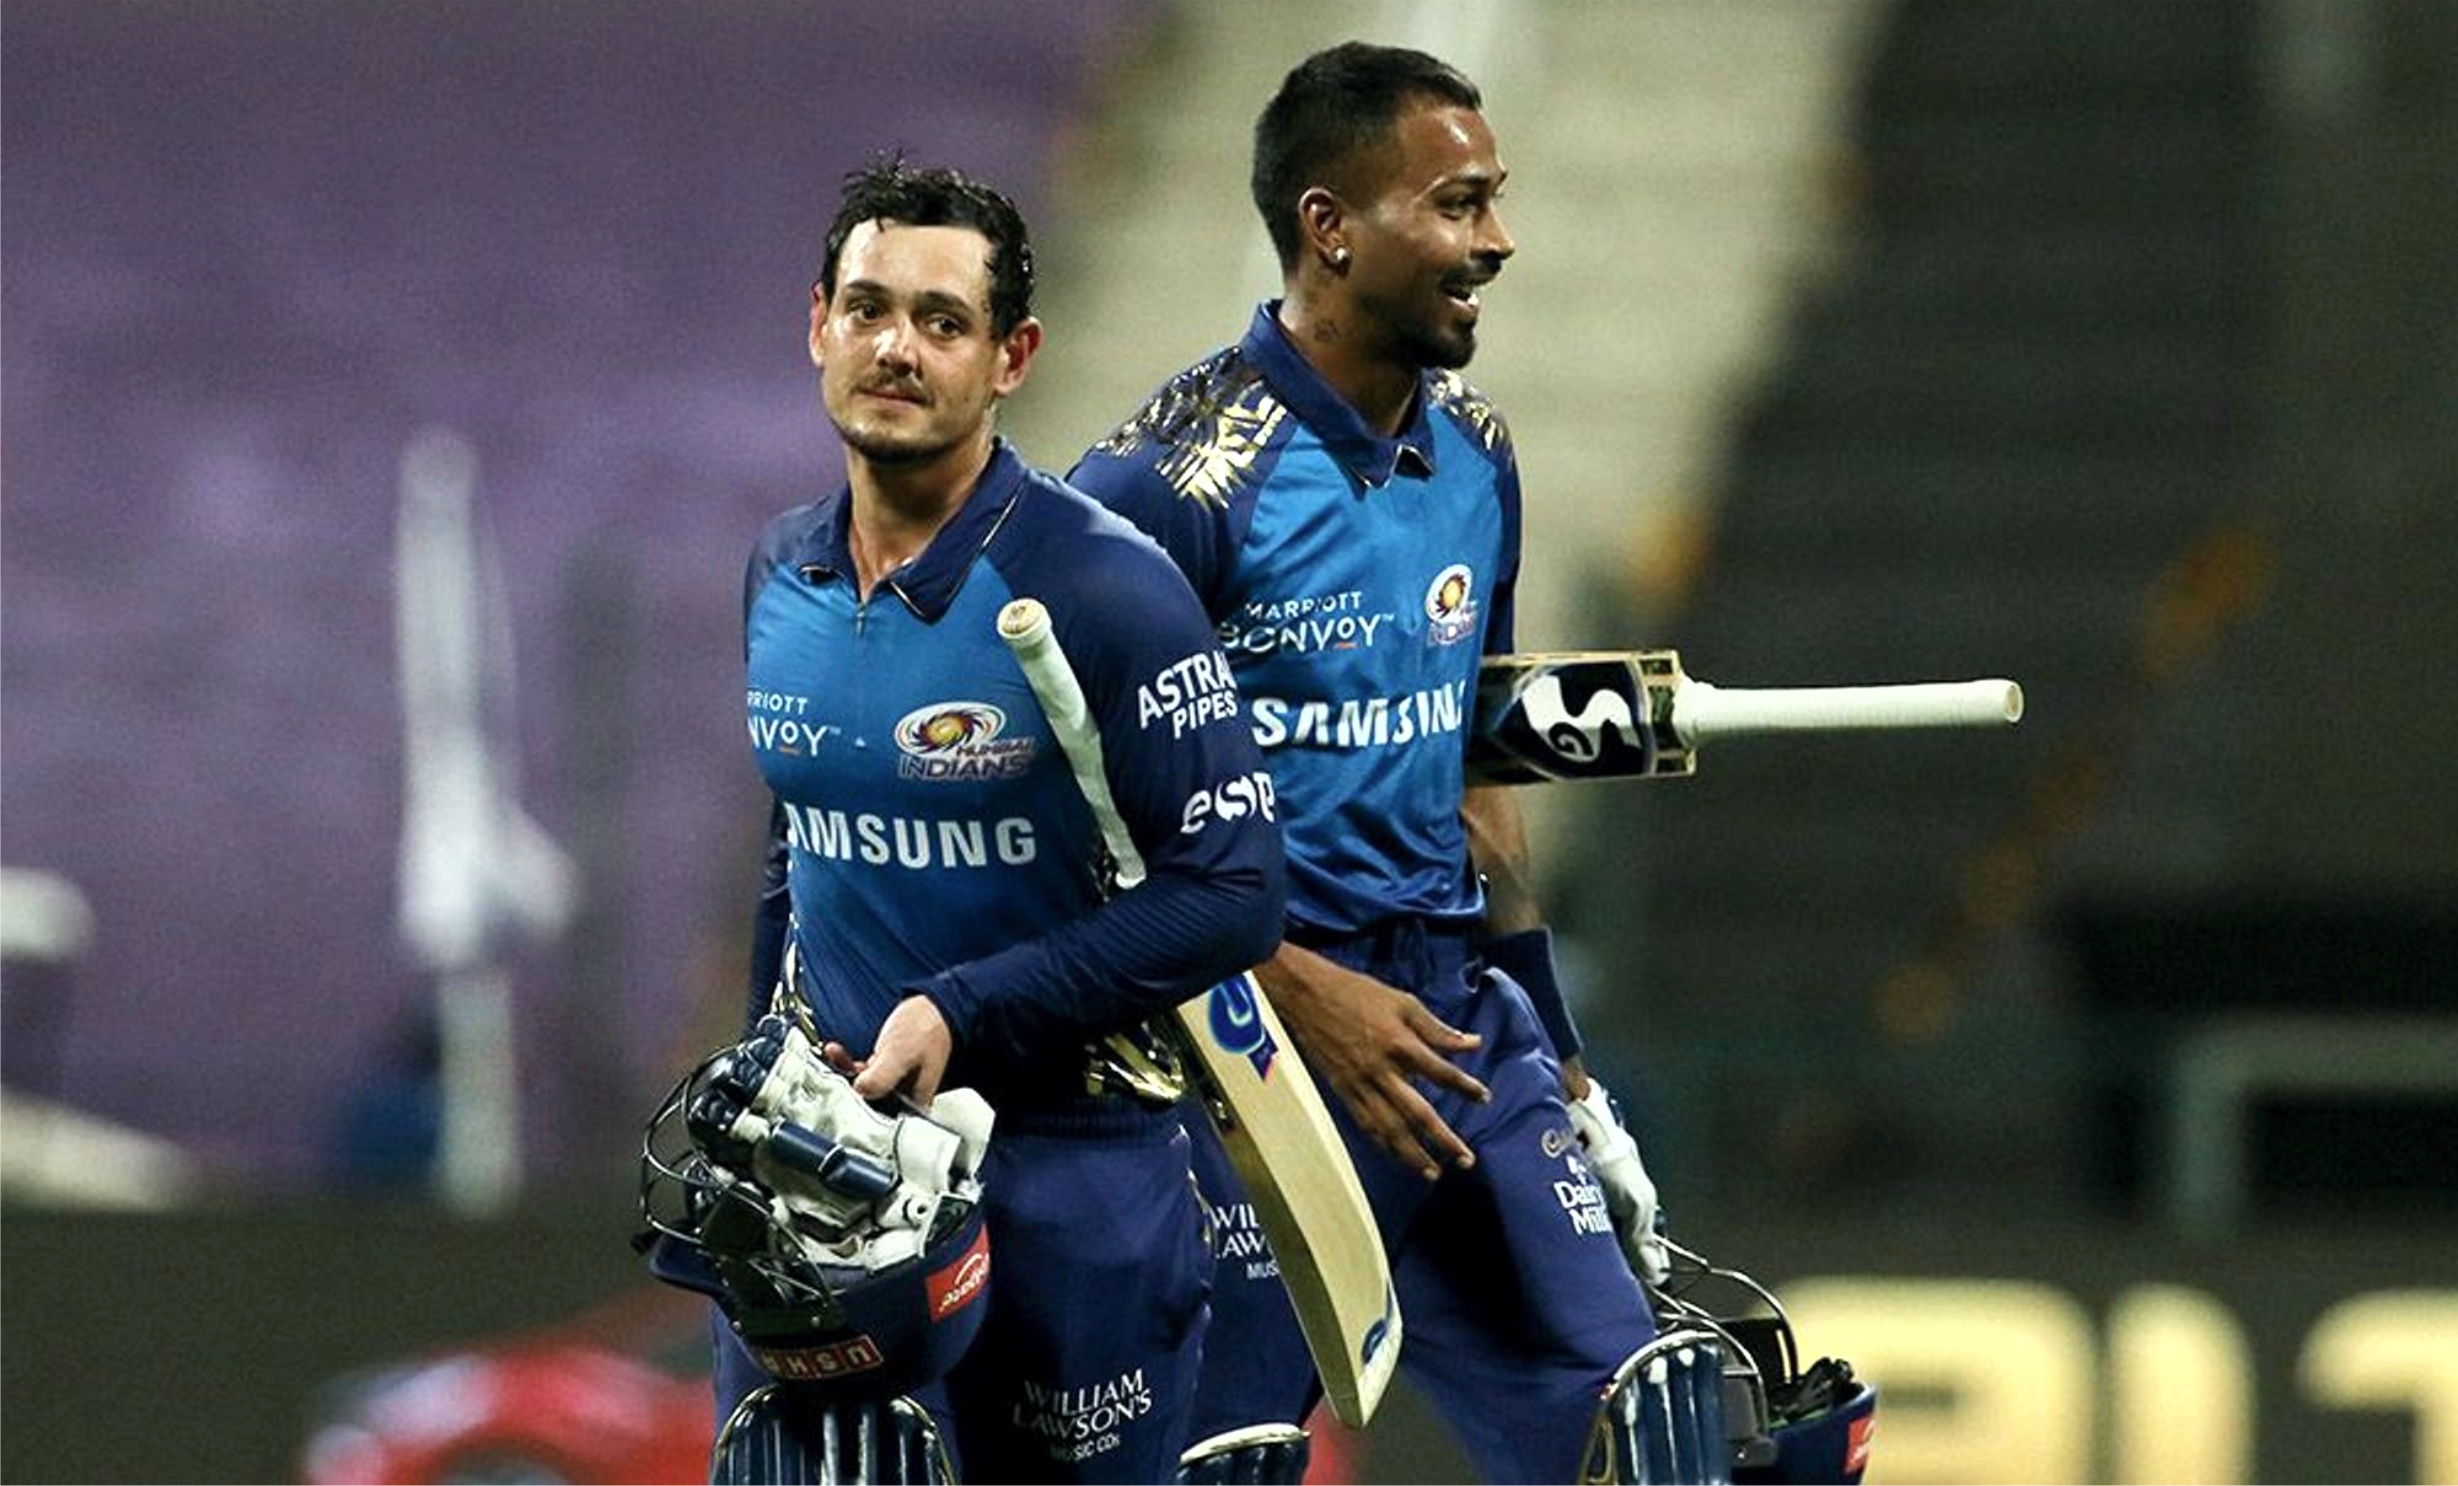 आईपीएल : कोलकत्तालाई हराउँदै मुम्बई शीर्ष स्थानमा उक्लियो